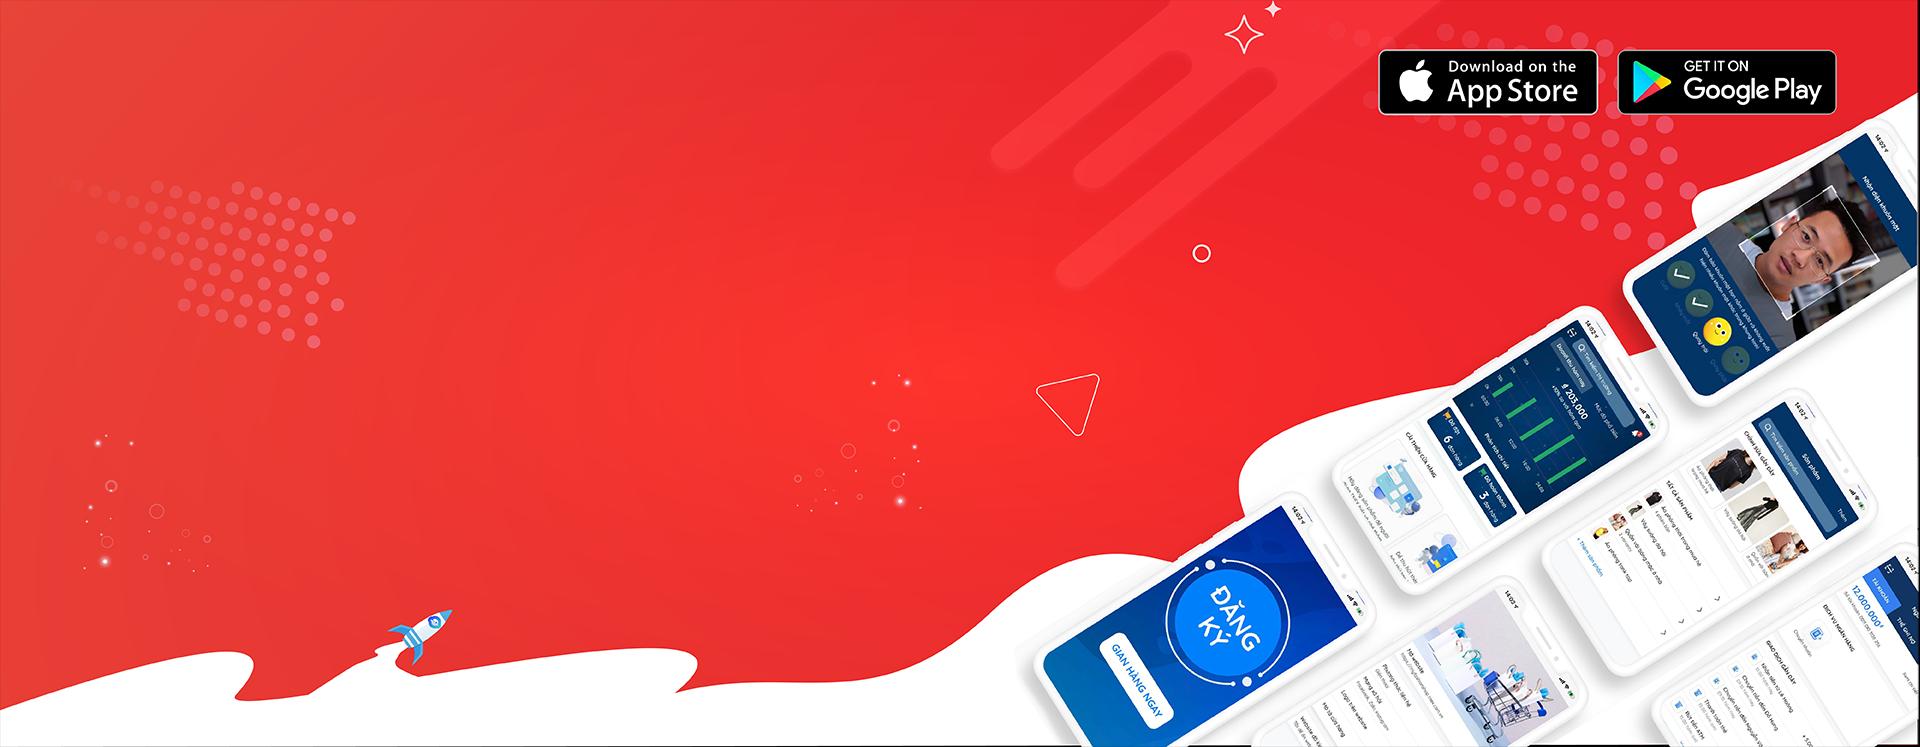 Mạng di động iTel hợp tác với App TNEX Merchant - Cơ hội nhận Ưu đãi khủng cho thuê bao iTel!